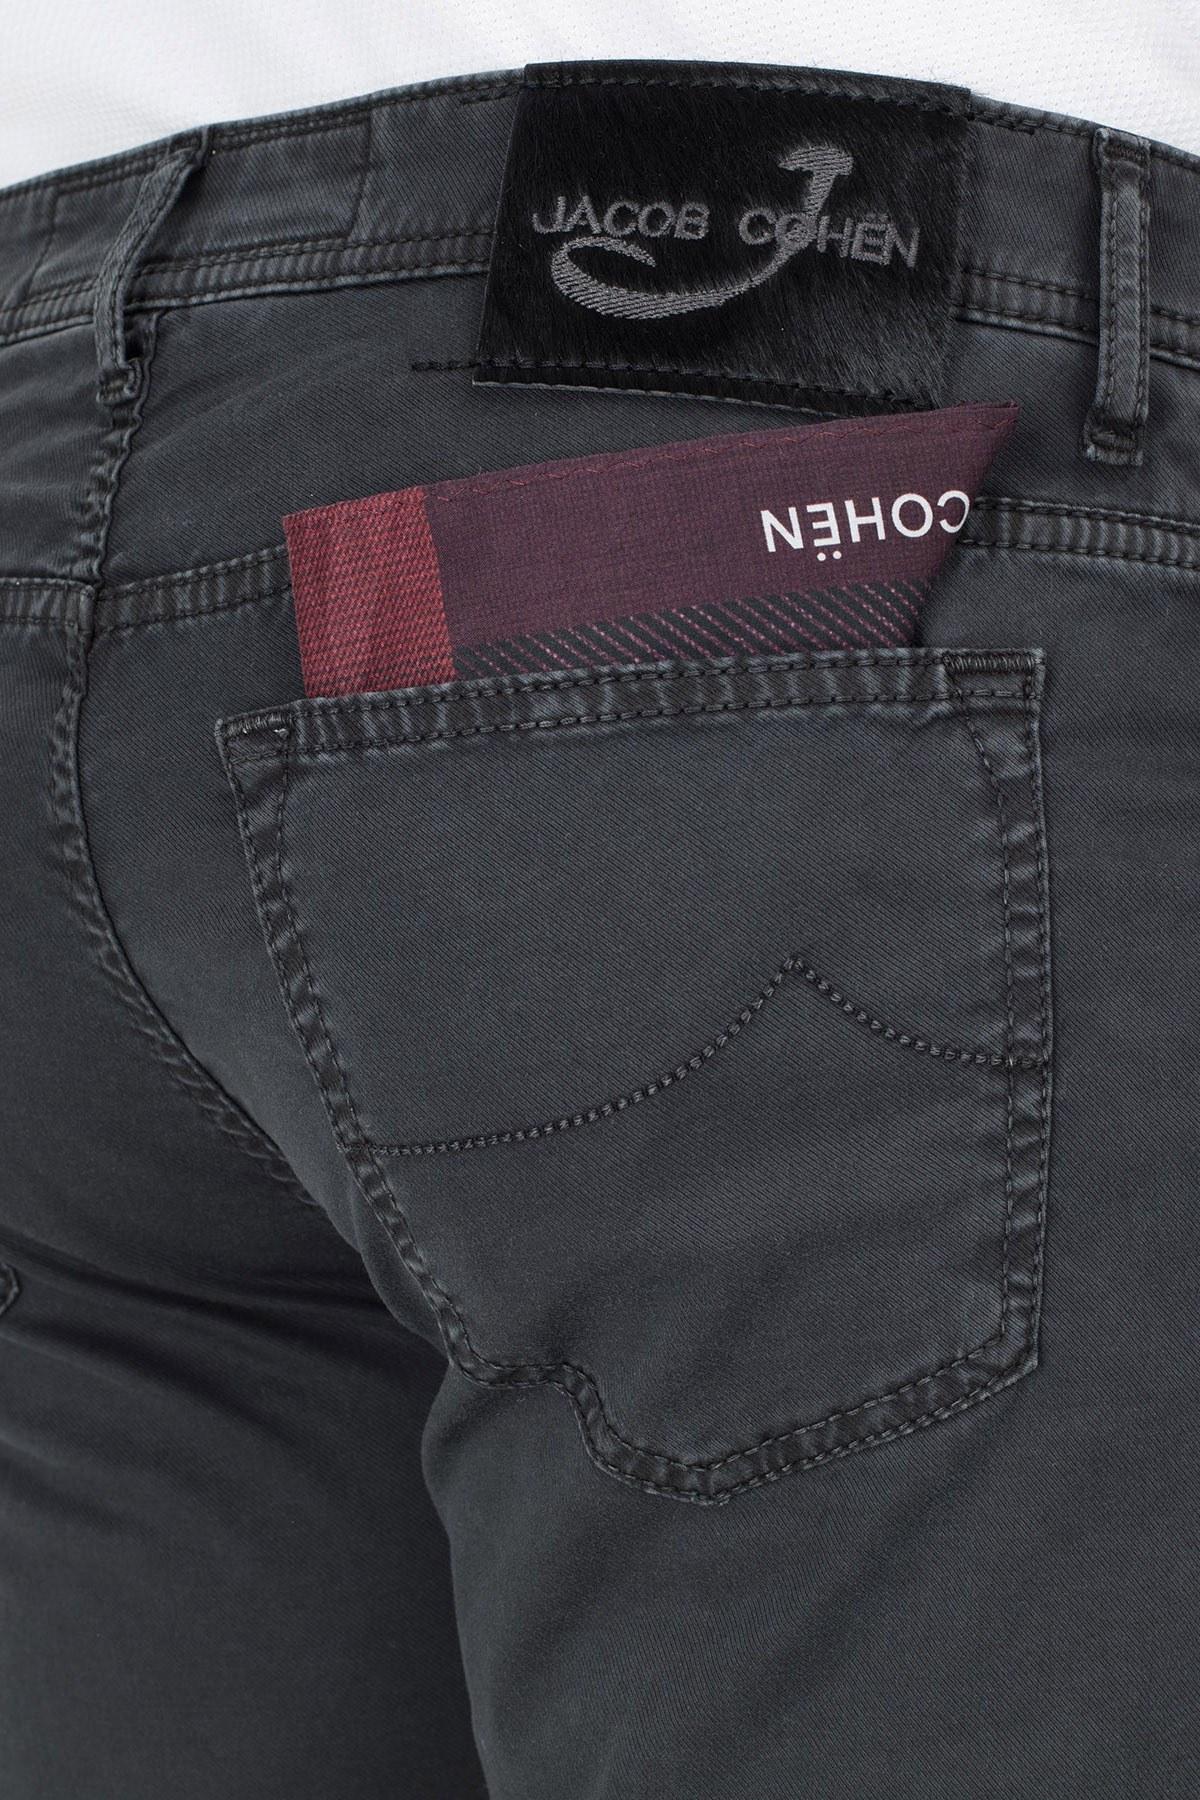 Jacob Cohen Jeans Erkek Pamuklu Pantolon J688 566V 990 ANTRASİT